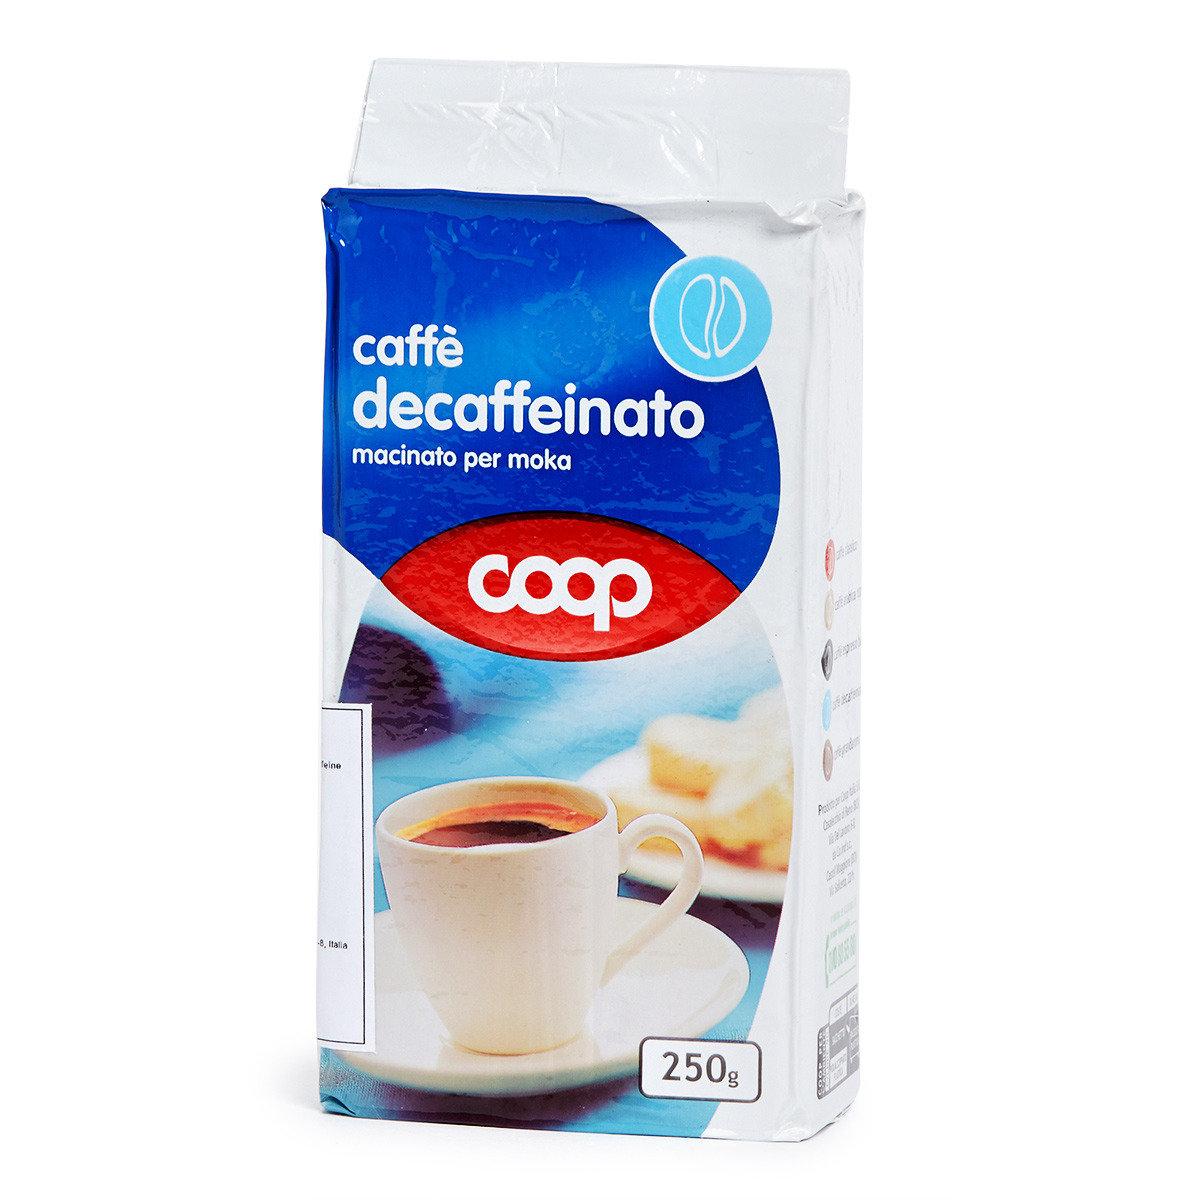 低咖啡因研磨咖啡